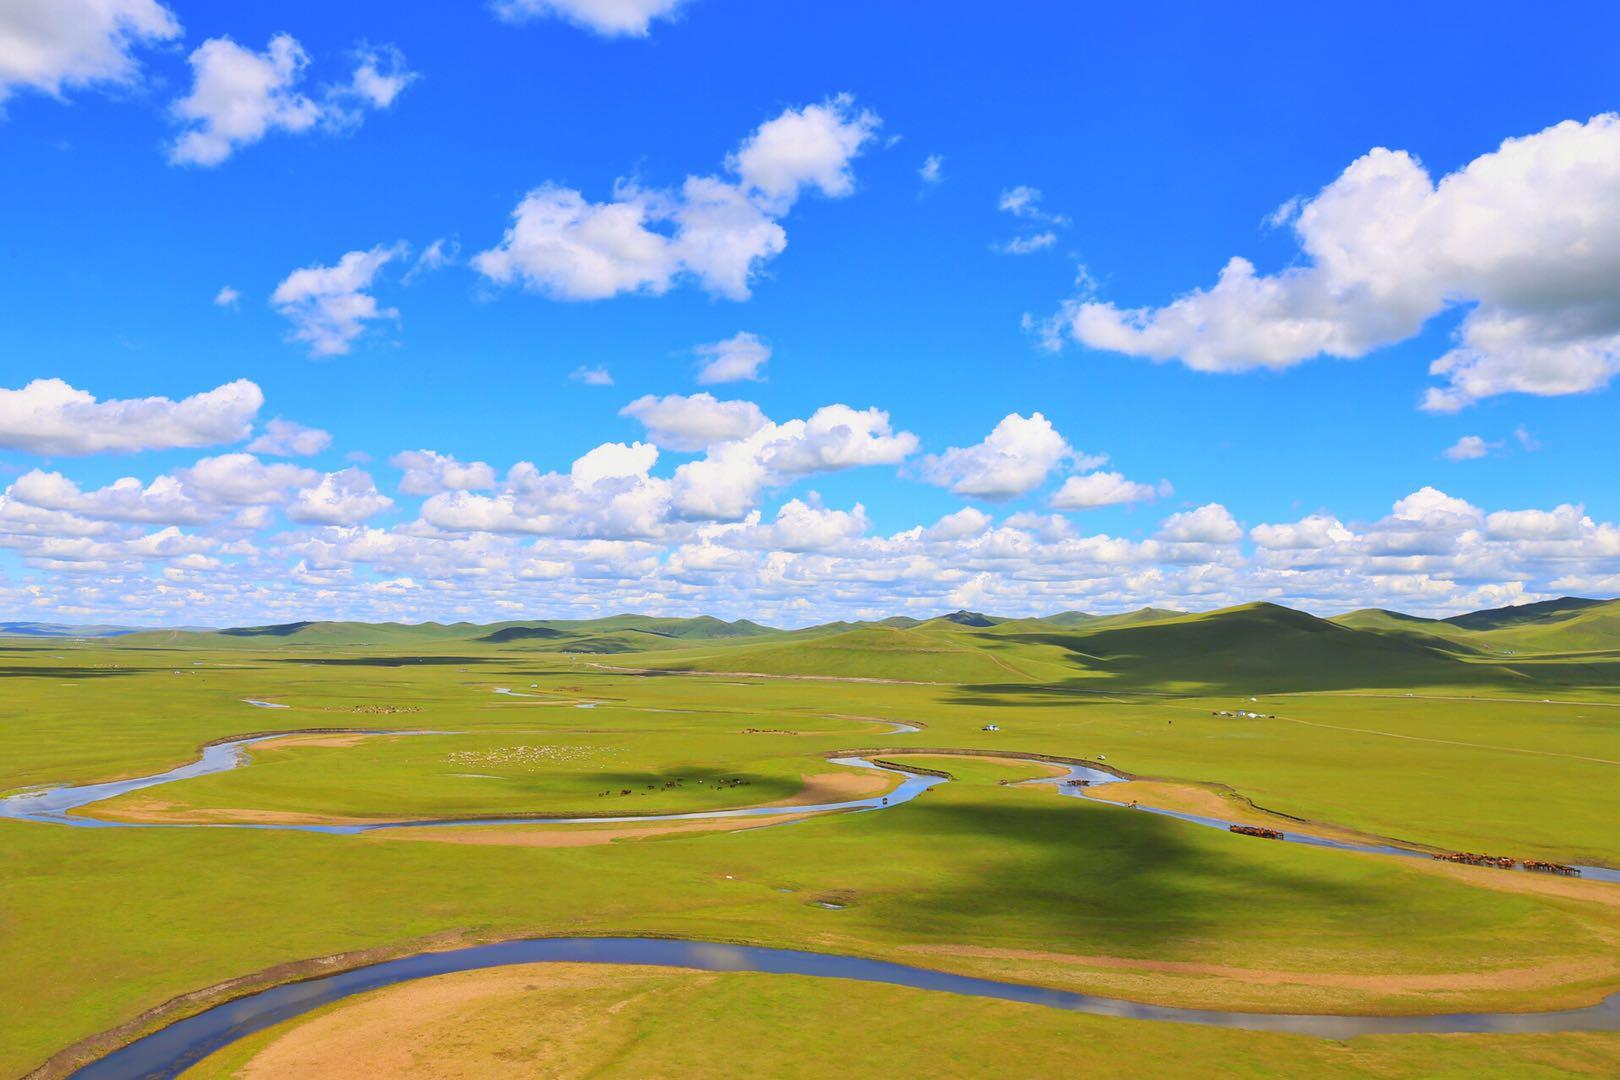 最美呼伦贝尔——如果风知道,如果云知道,内蒙古旅游yabo88亚博官网,,呼伦贝尔旅游yabo88亚博官网